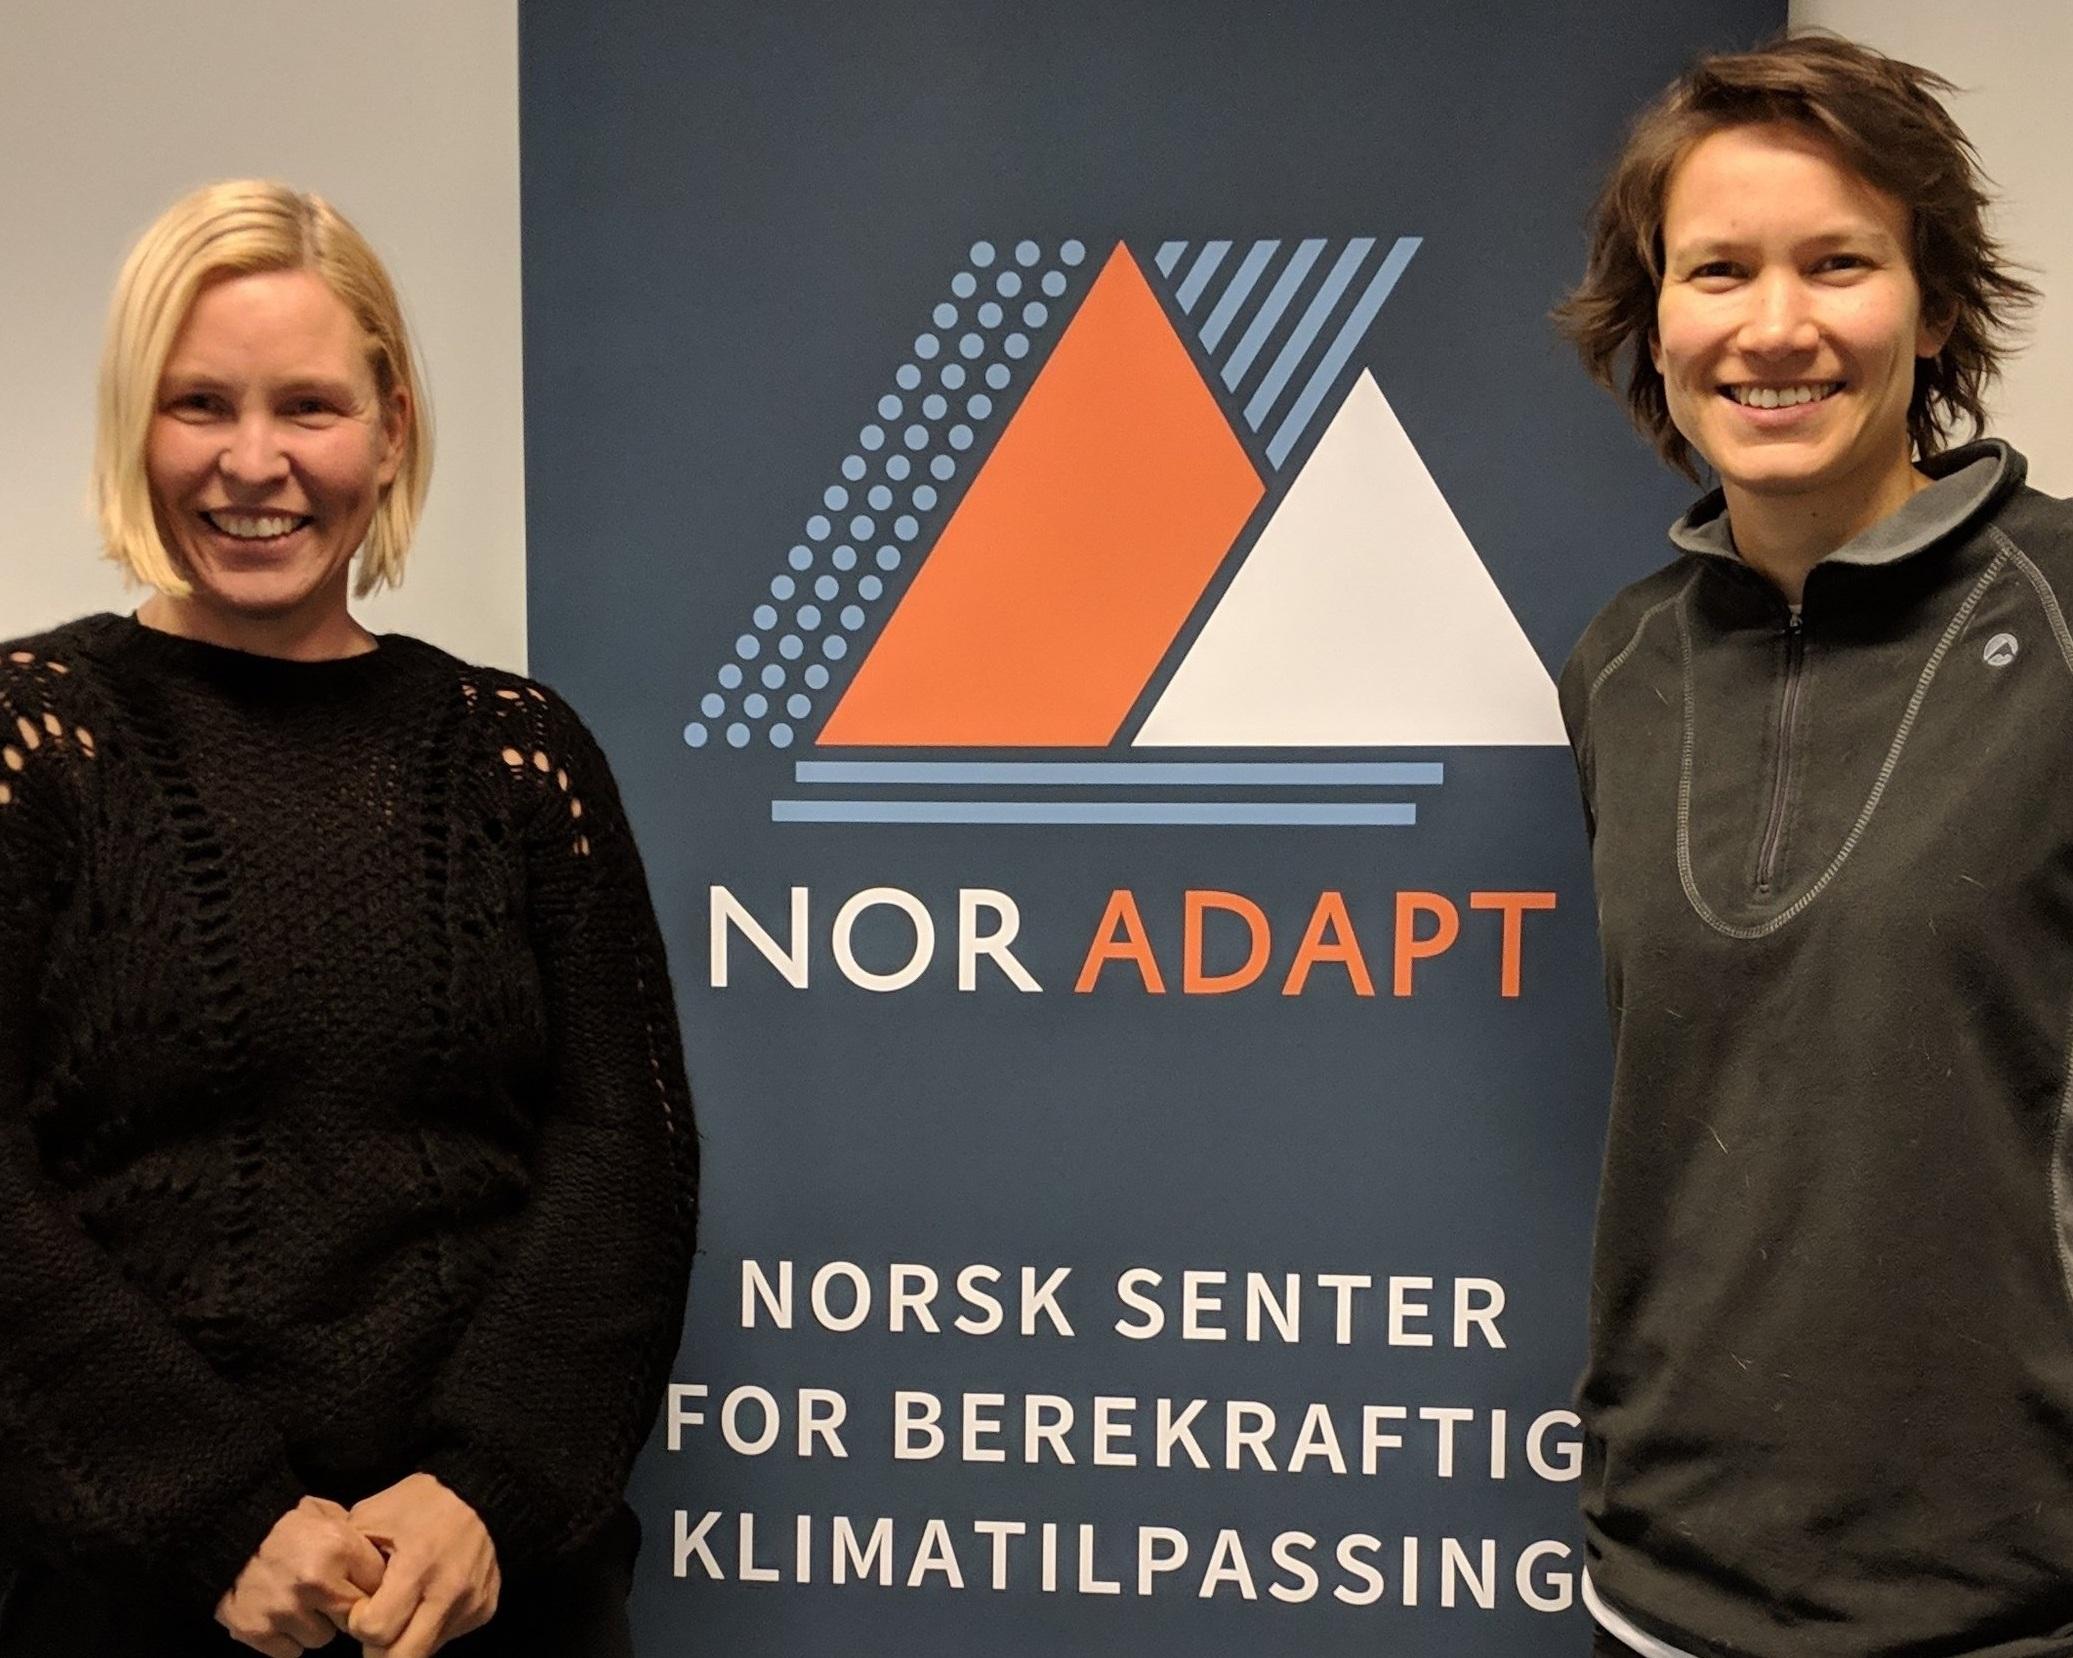 - Forskarane Torunn Hønsi og Tone Rusdal ved Vestlandsforsking er i gang med ei utgreiing for Sogn regionråd. Dei heldt seminaret om næringspotensialet i klimakrisa under konferansen #Klimaomstilling2019.